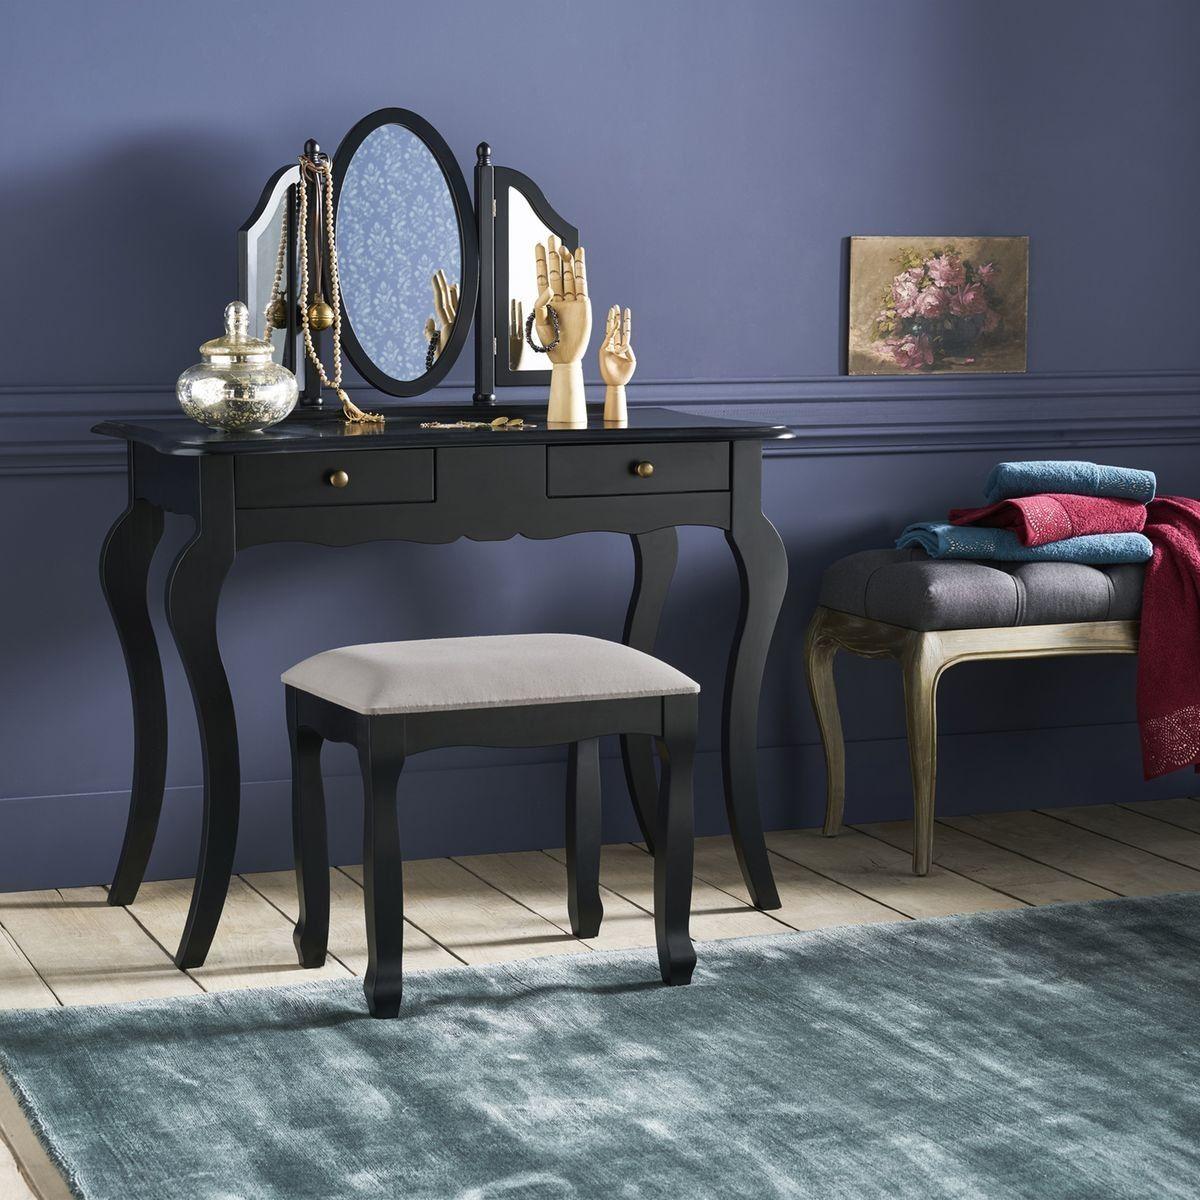 Coiffeuse Meubles Design Vintage Scandinaves Retro Mobilier De Salon Coiffeuse Dessins Muraux De Chambre